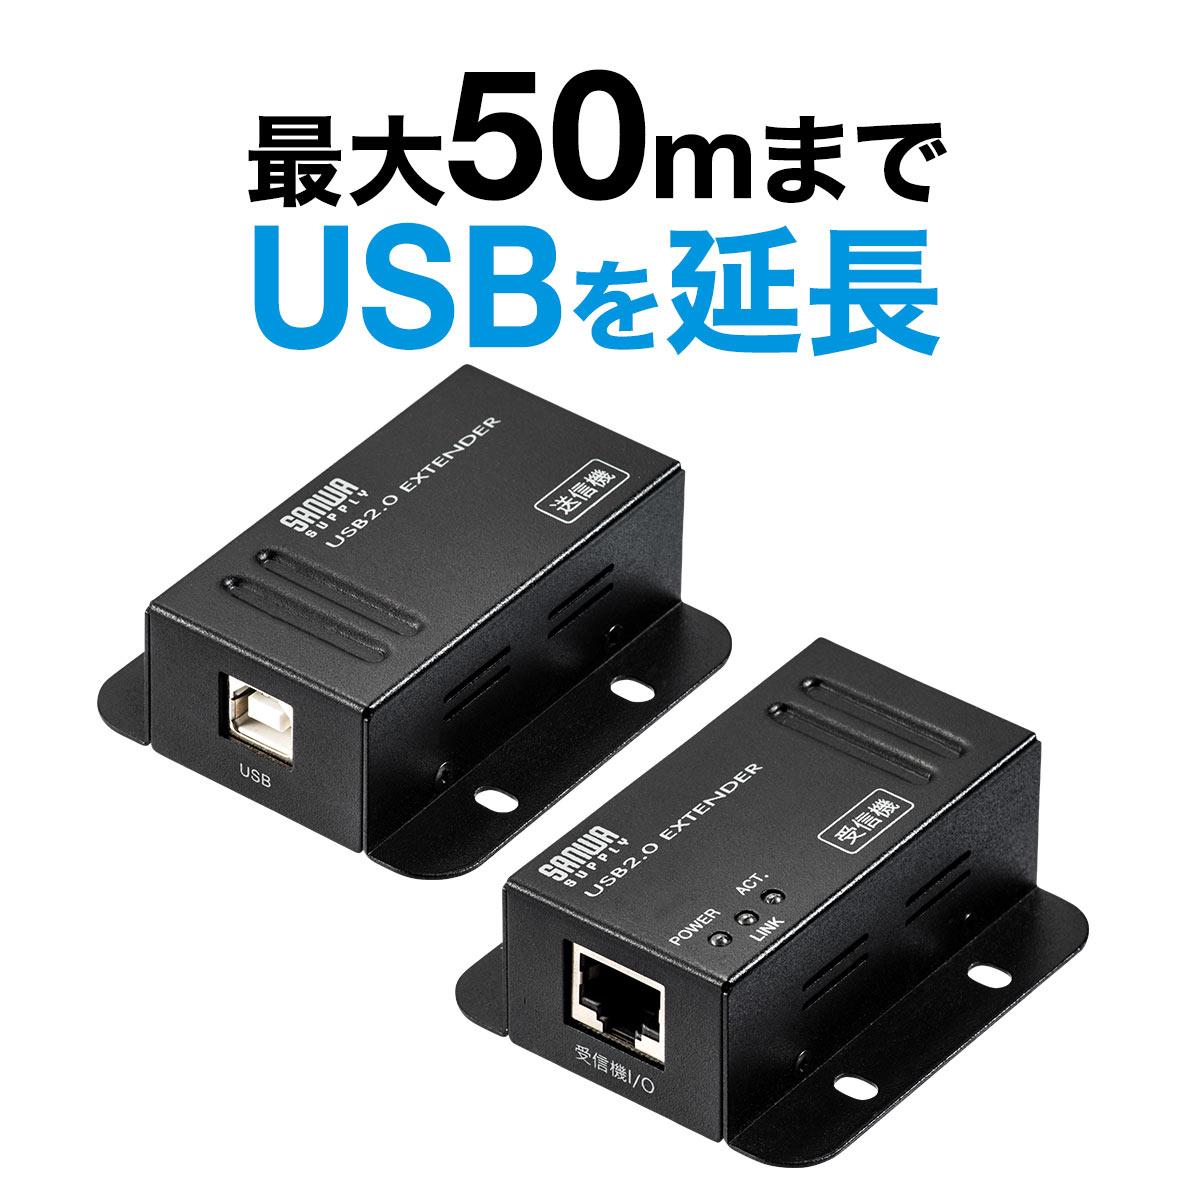 USBエクステンダー USB延長 ブラック 最大50m USB2.0 USB2ポート LANケーブル使用 [500-USB067]【サンワダイレクト限定品】【送料無料】